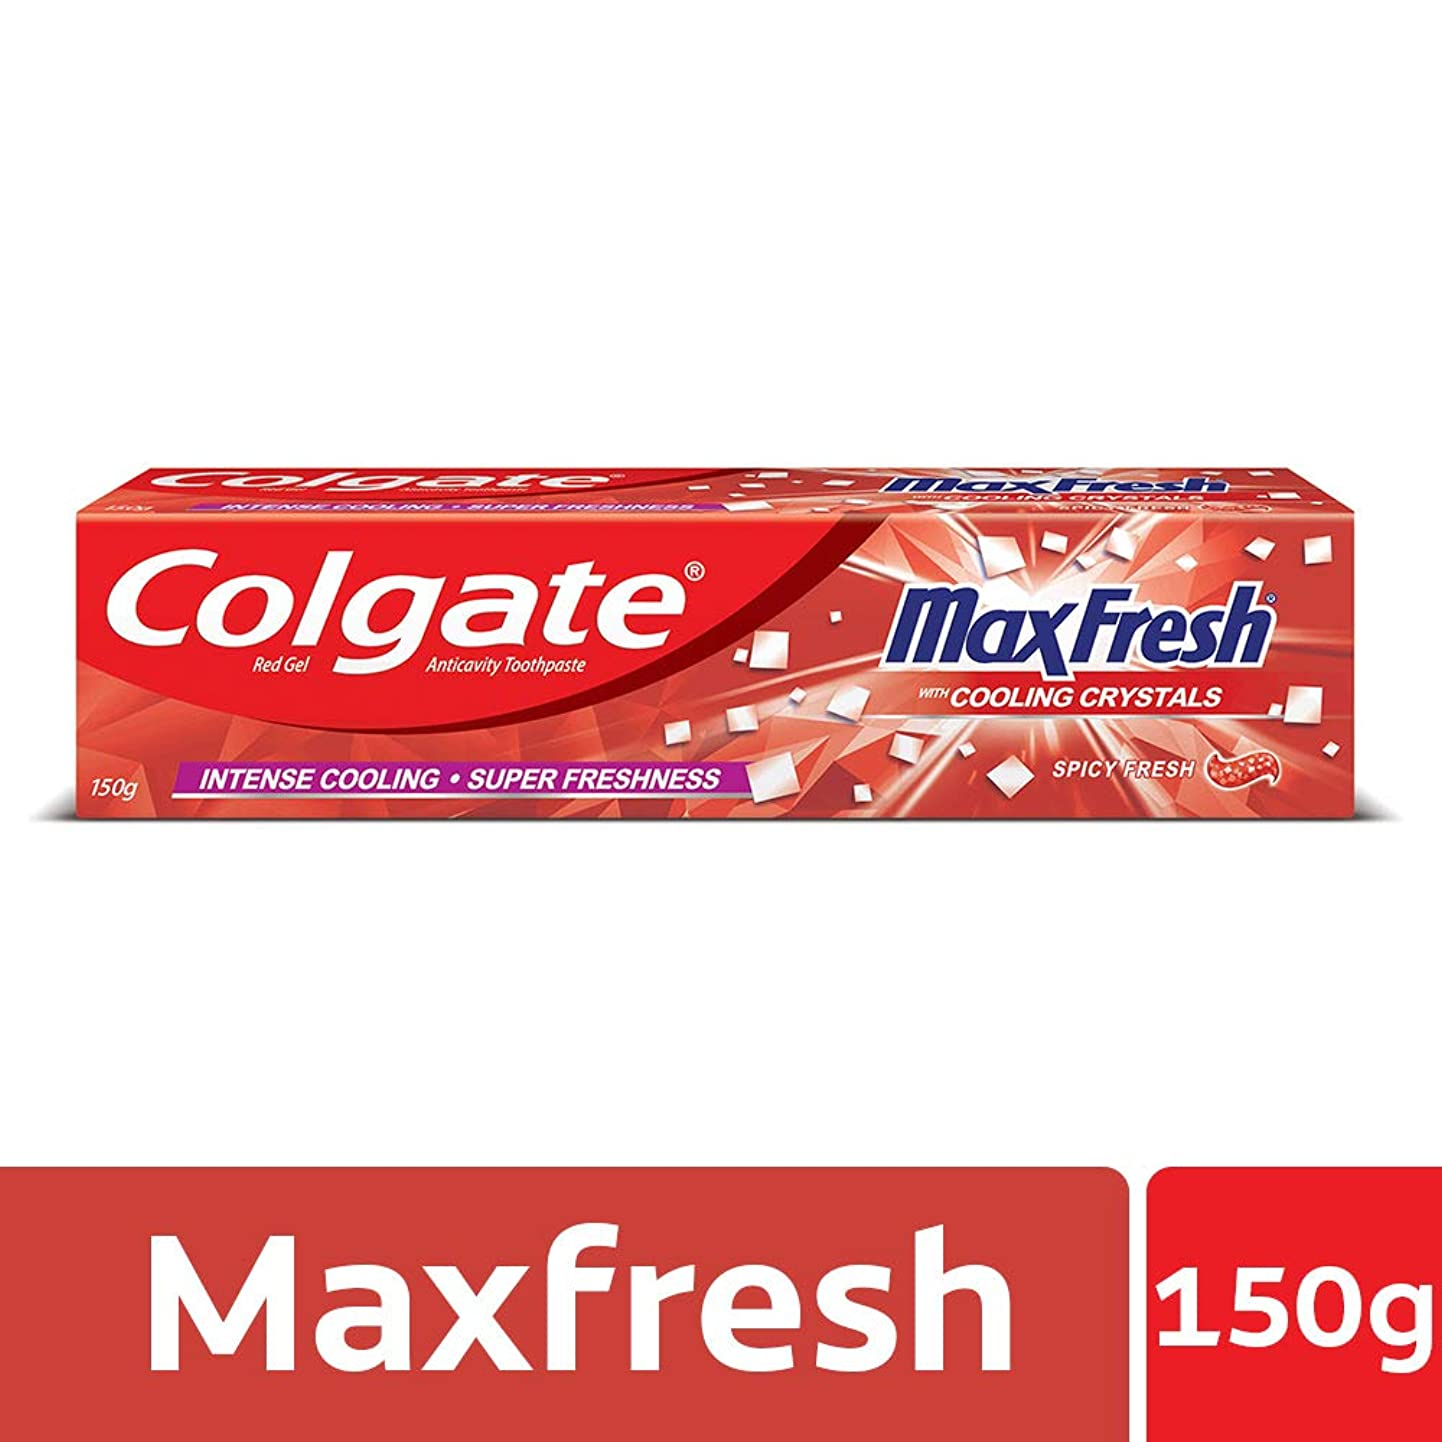 黒人ケーブルカーセンチメートルColgate MaxFresh Anticavity Toothpaste Gel, Spicy Fresh - 150gm